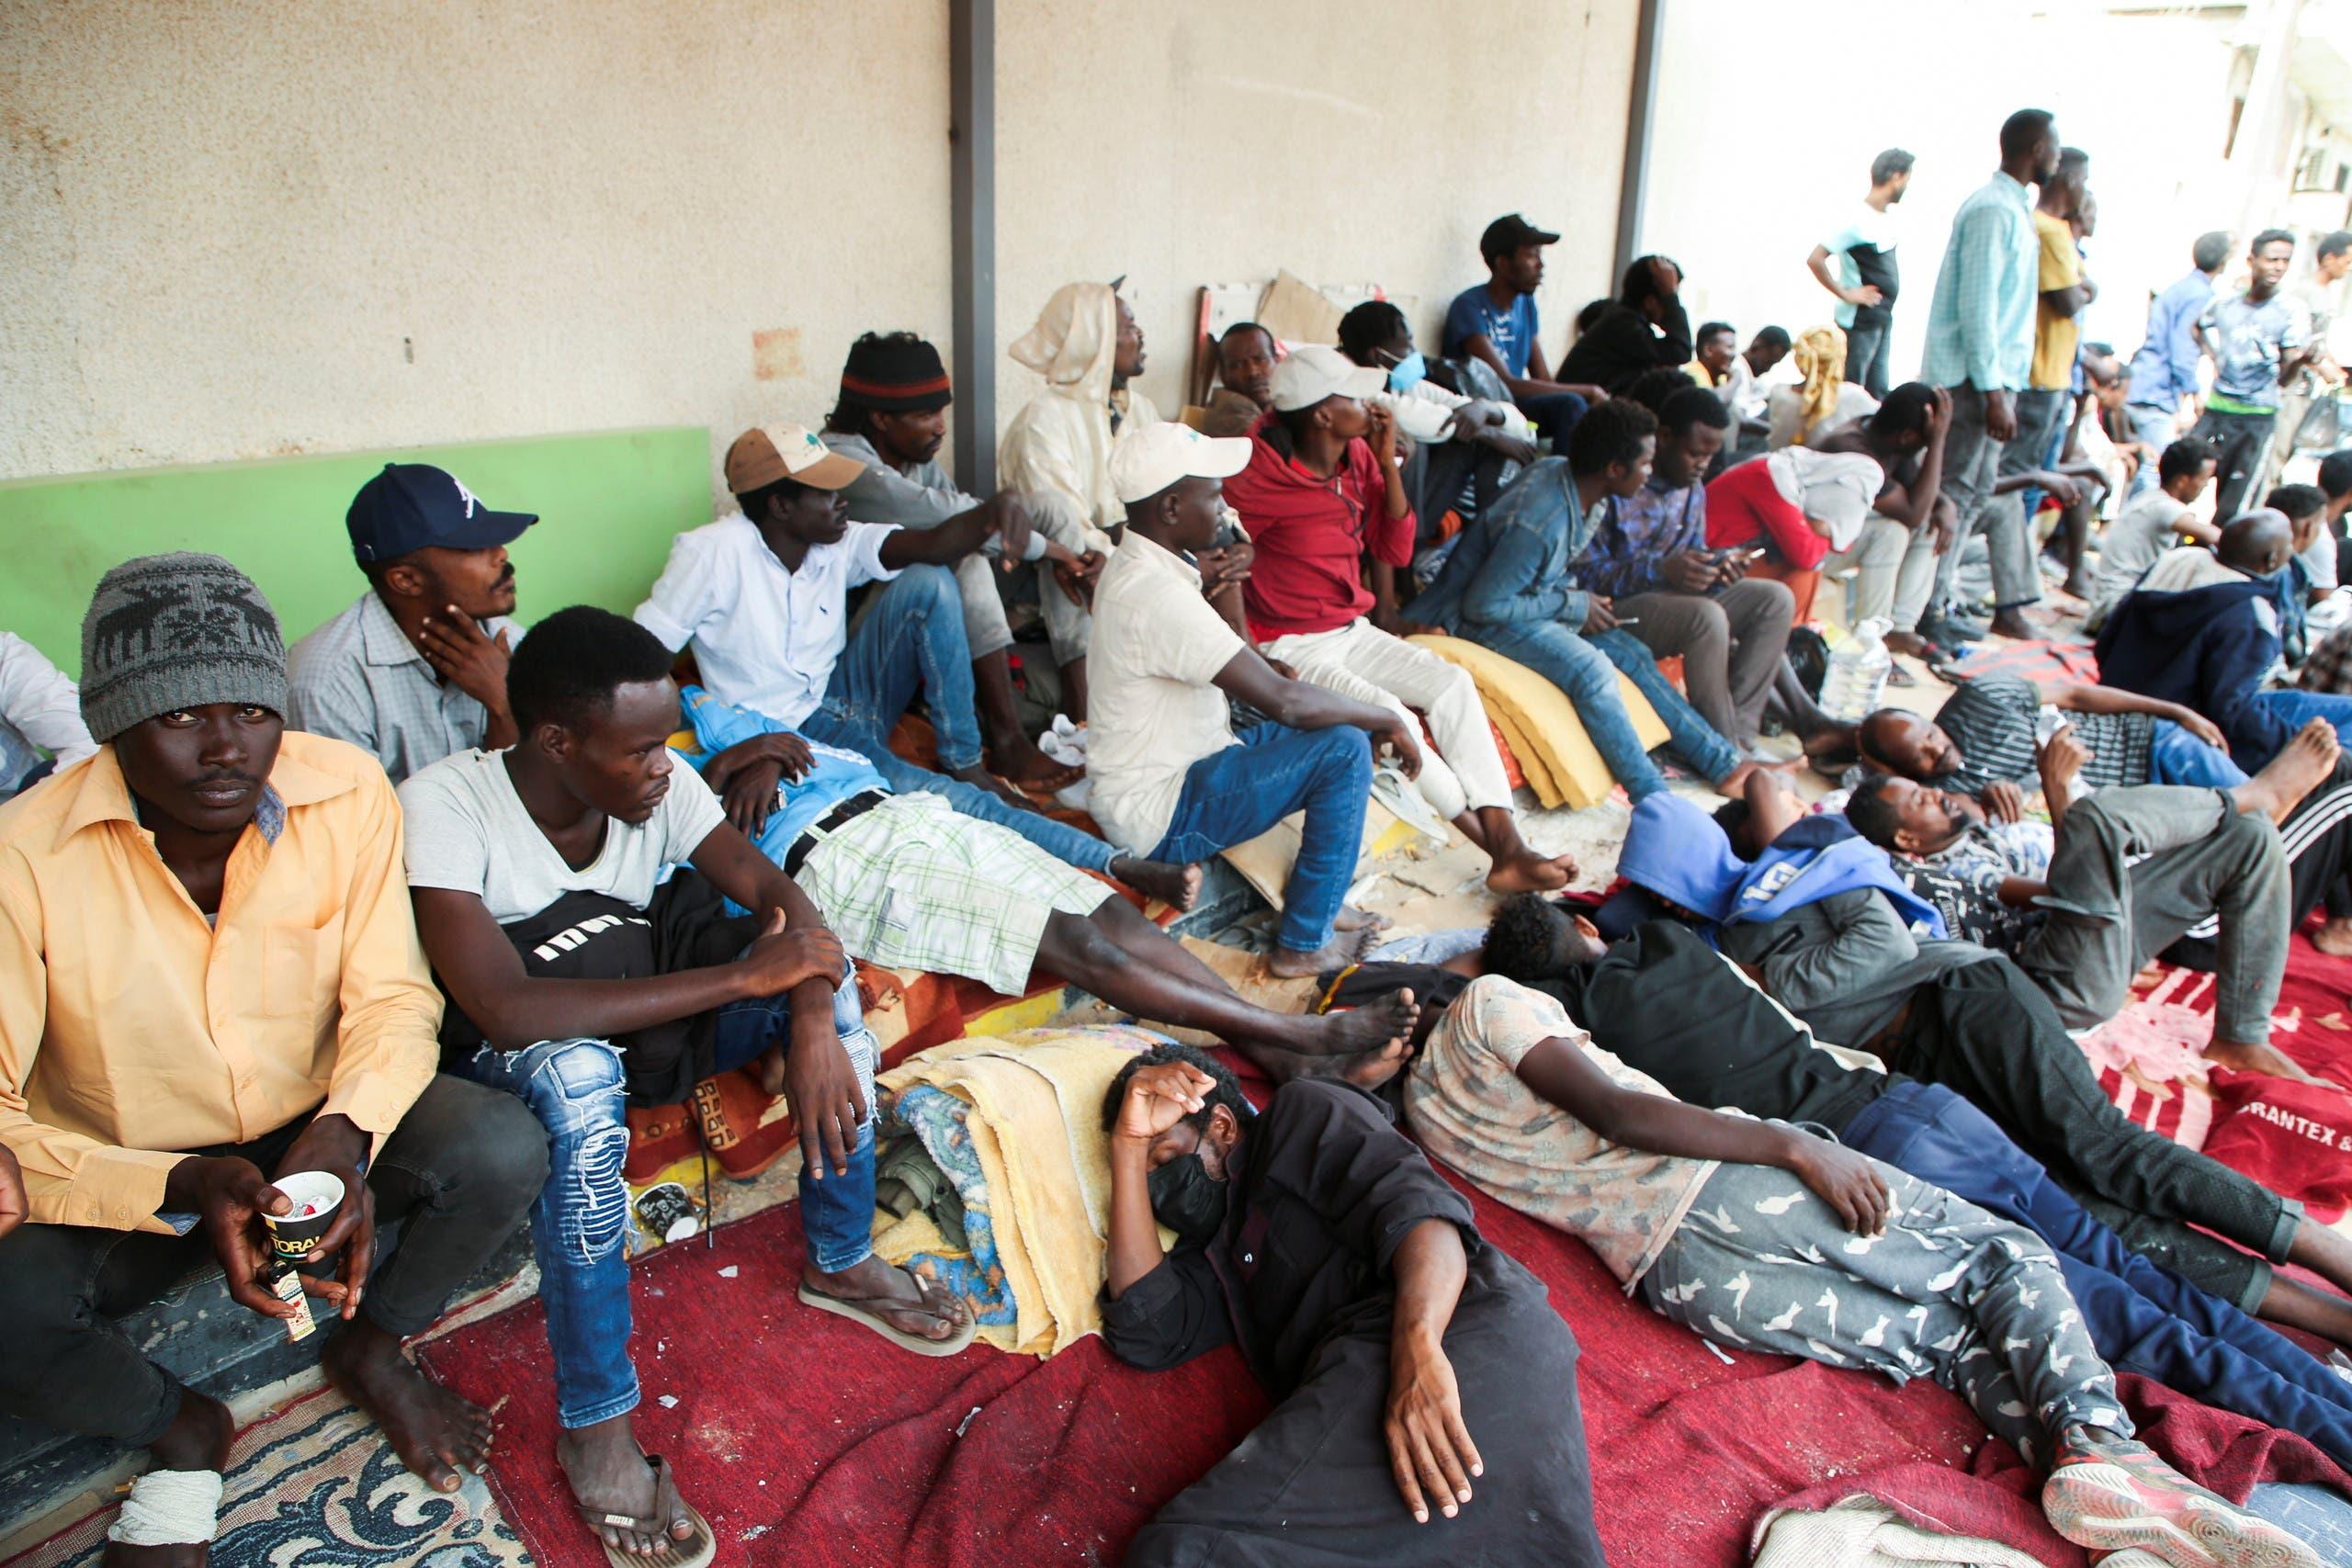 مهاجرون ينتظرون قبالة مبنى مفوضية اللاجئين في طرابلس أملاً بمساعدتهم على ترك ليبيا